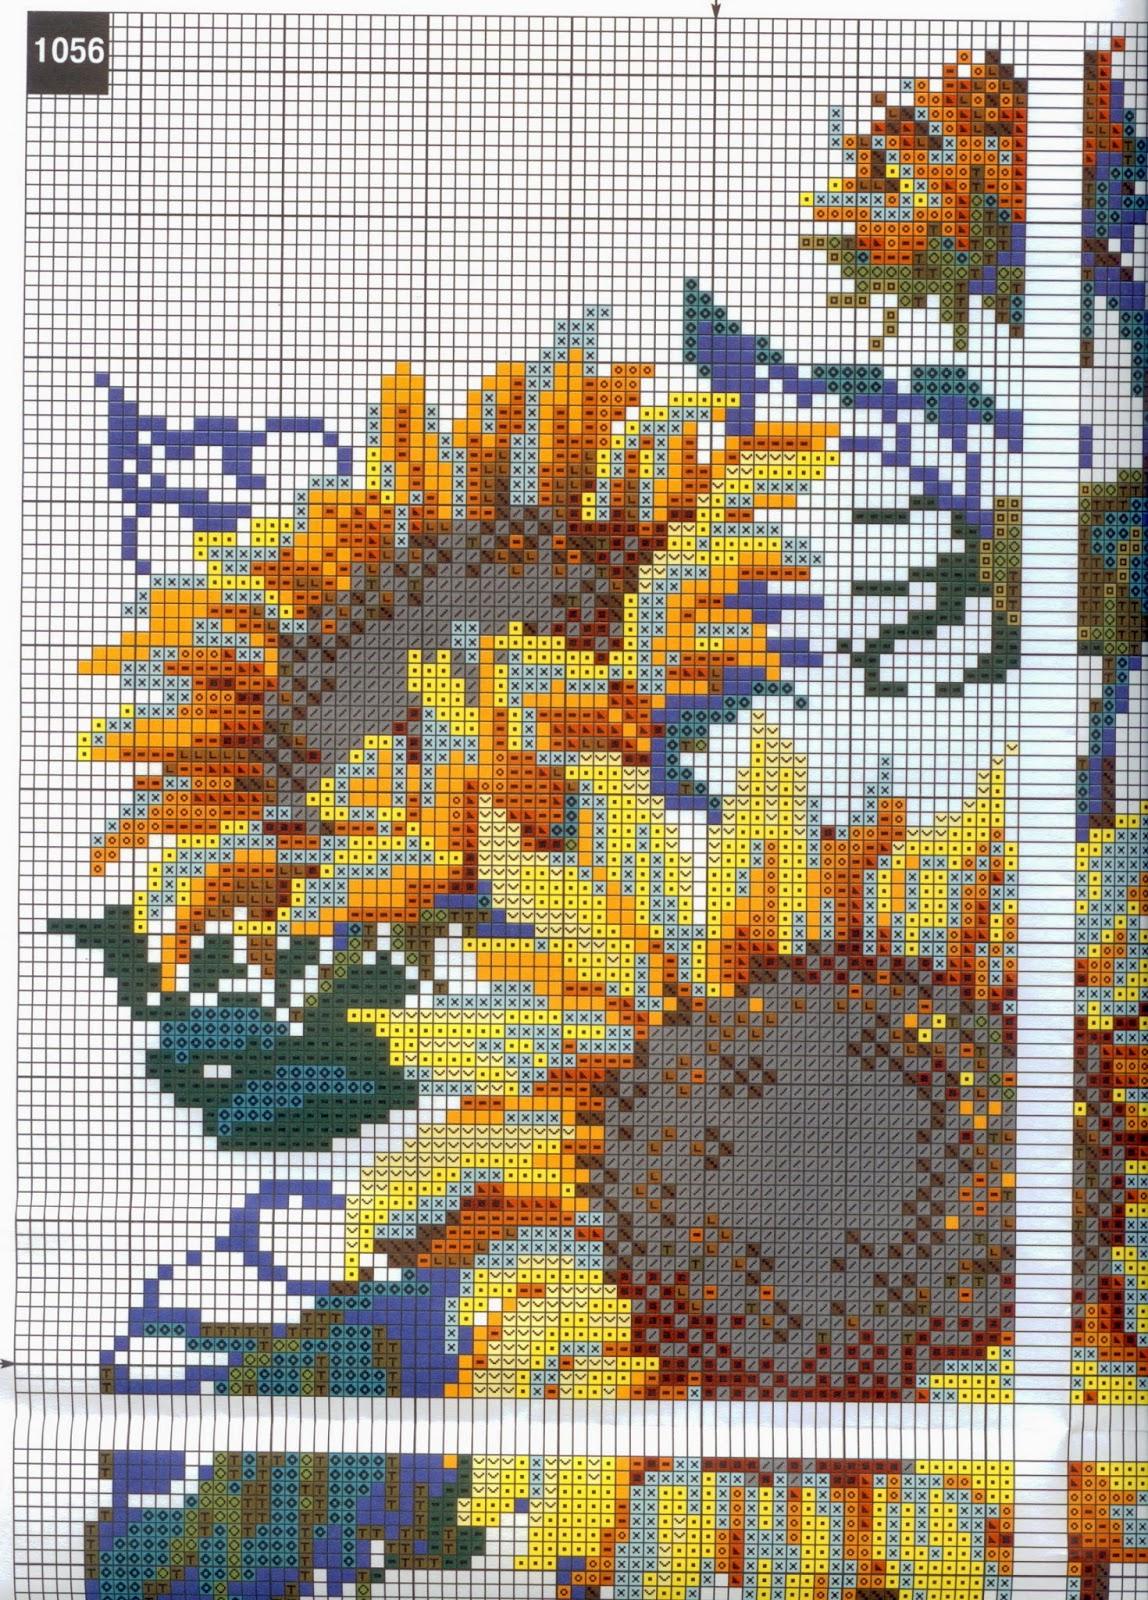 вышивка крестом схемы подсолнухов для часов